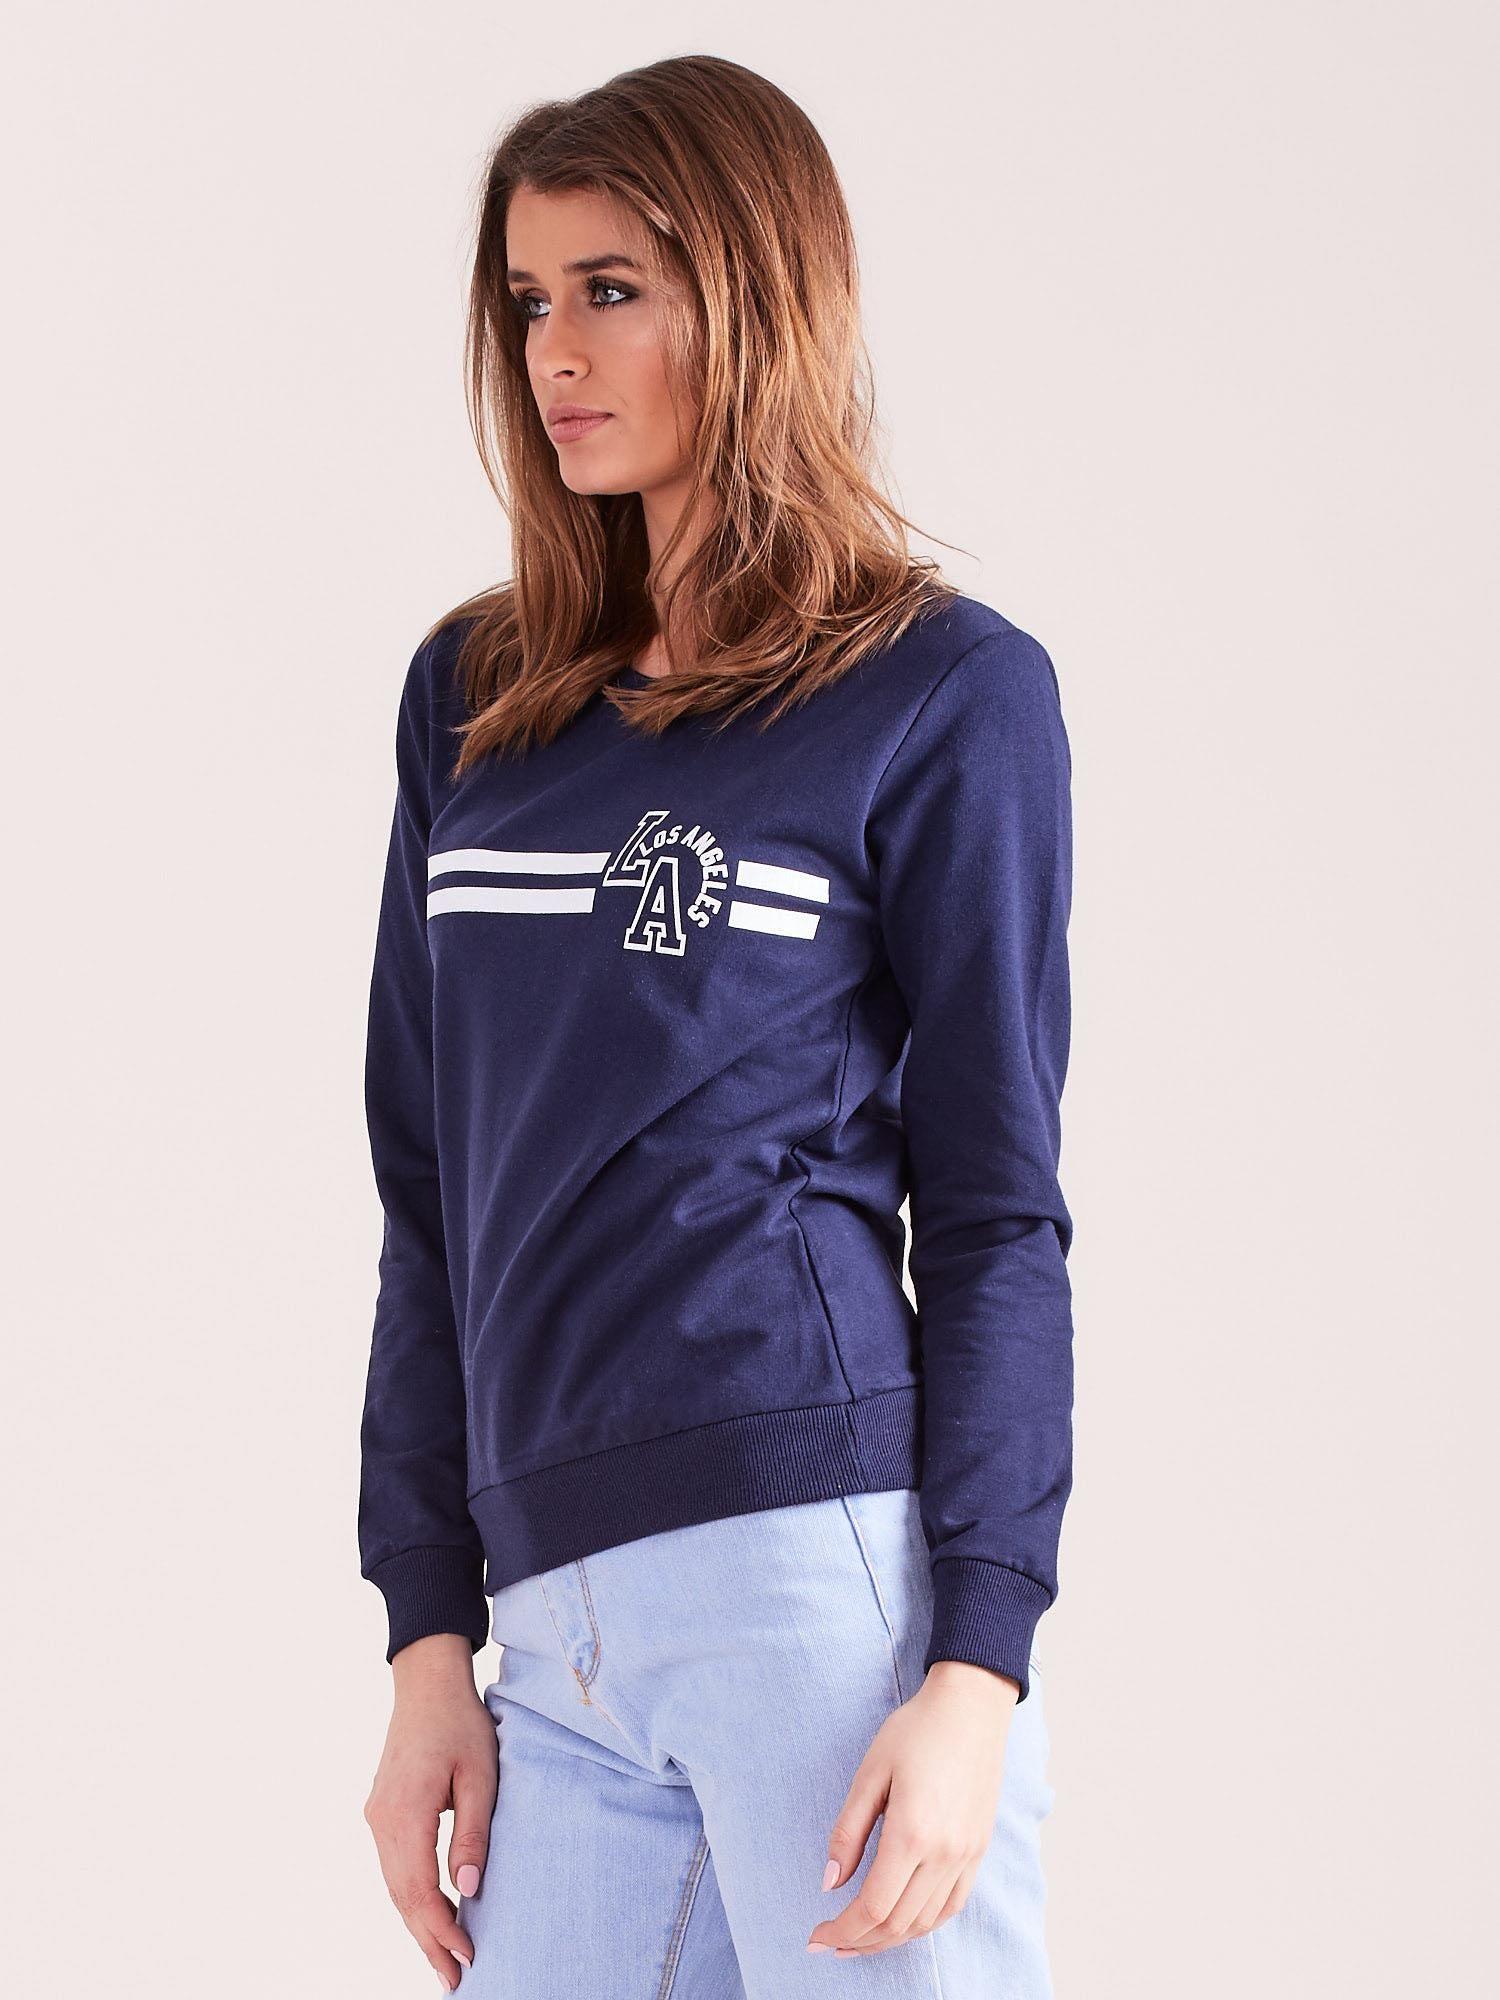 8e18dde4c1169f Granatowa bluza bawełniana z nadrukiem LOS ANGELES - Bluza bez ...